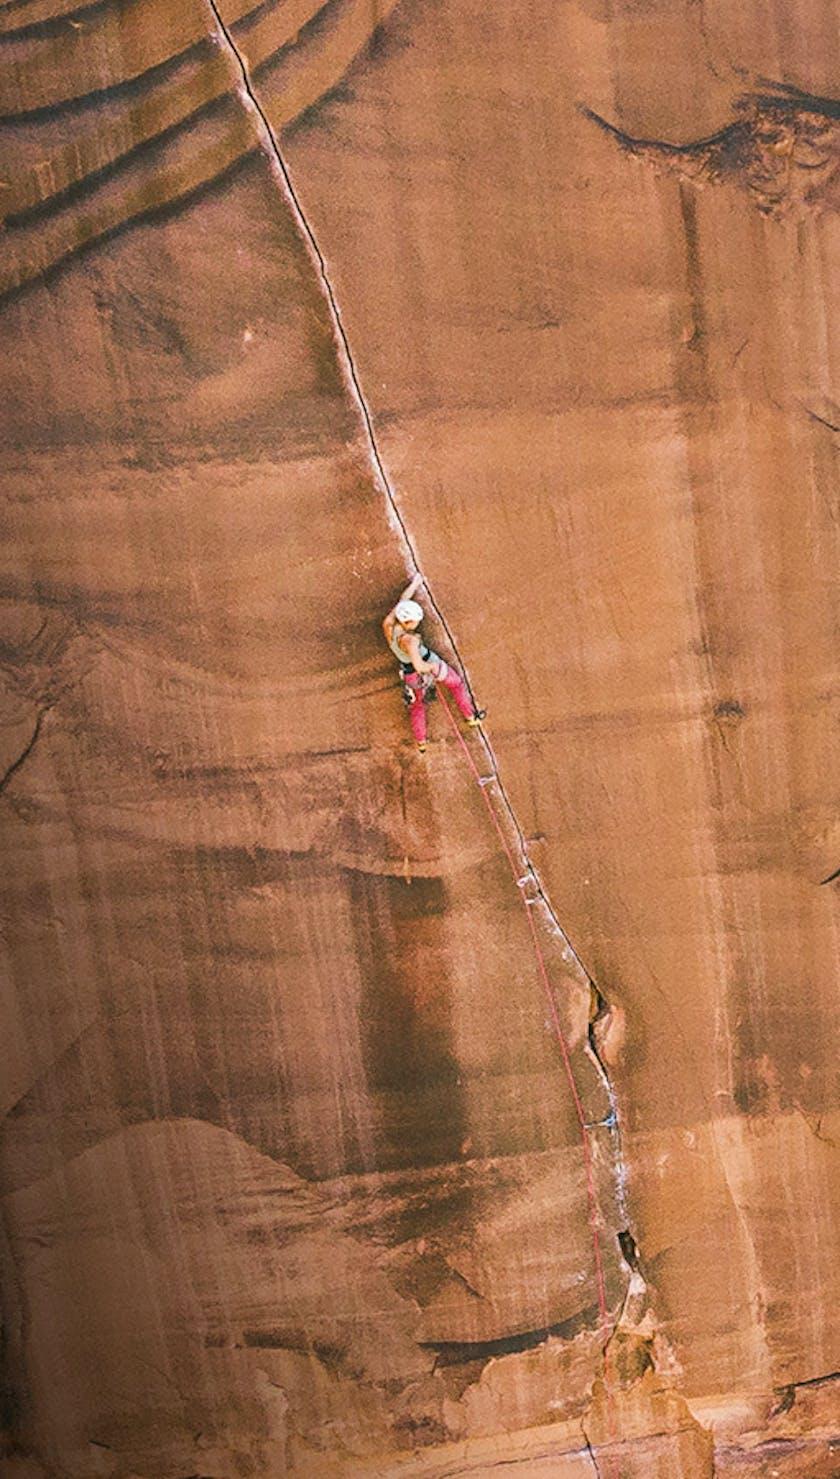 hazel climbs spitter